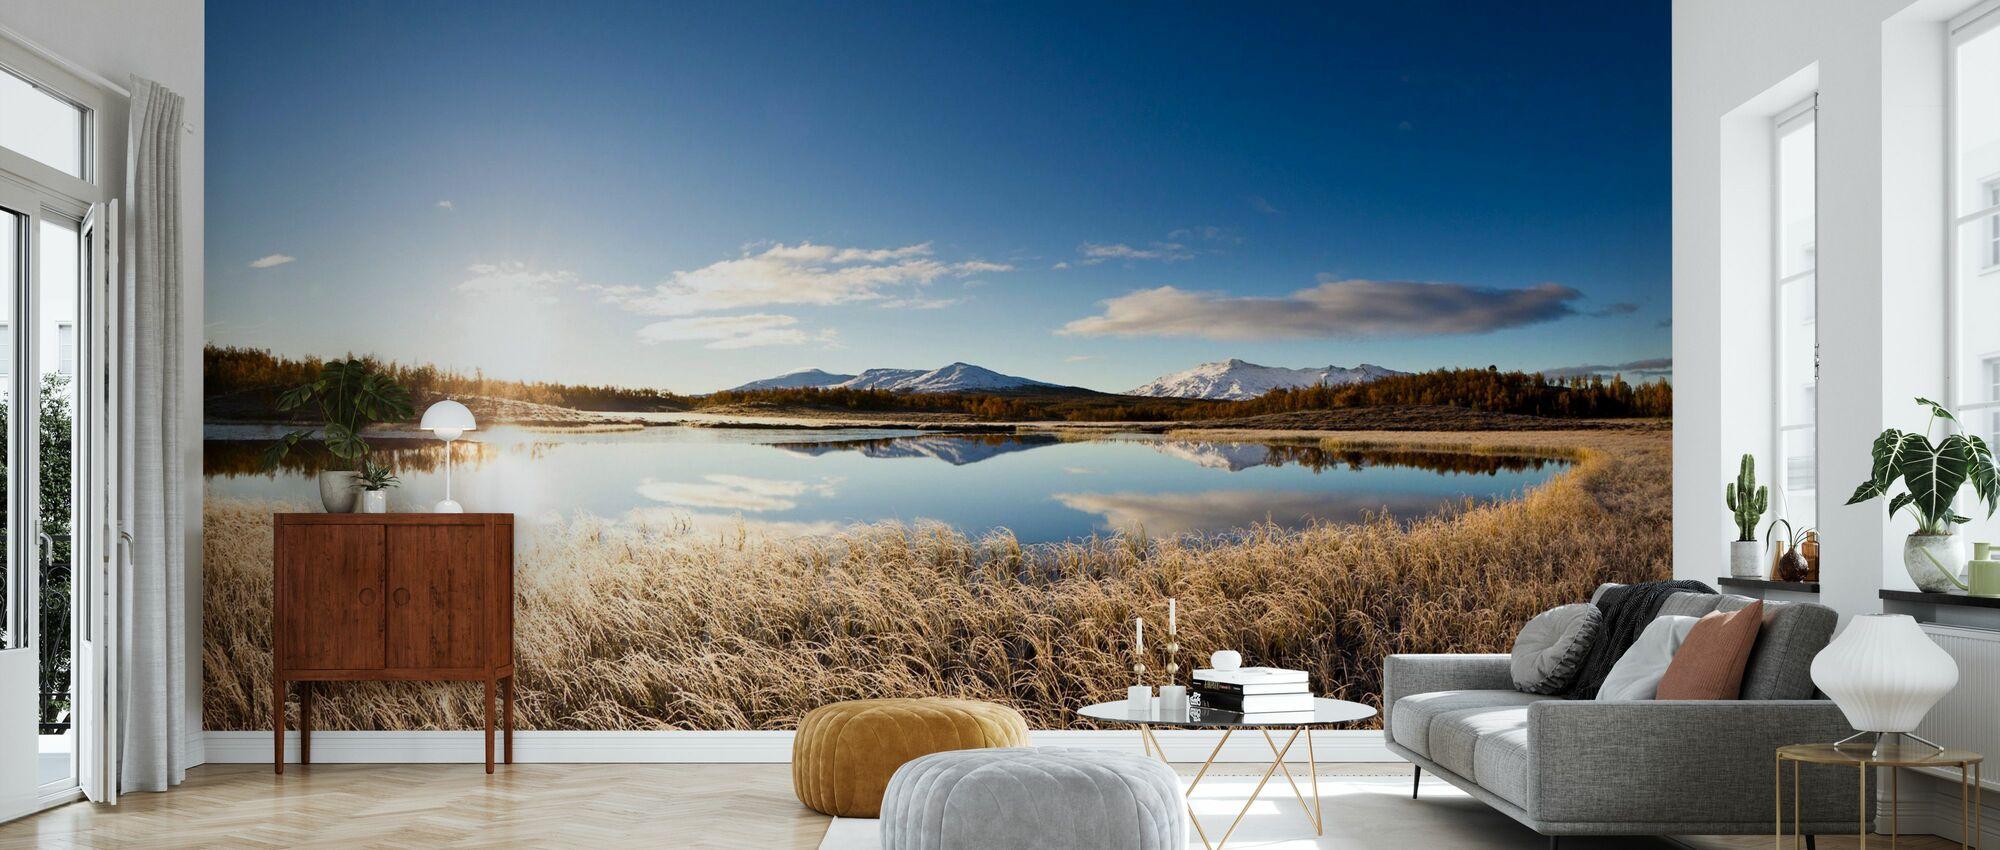 Northern Swedish Landscape - Wallpaper - Living Room